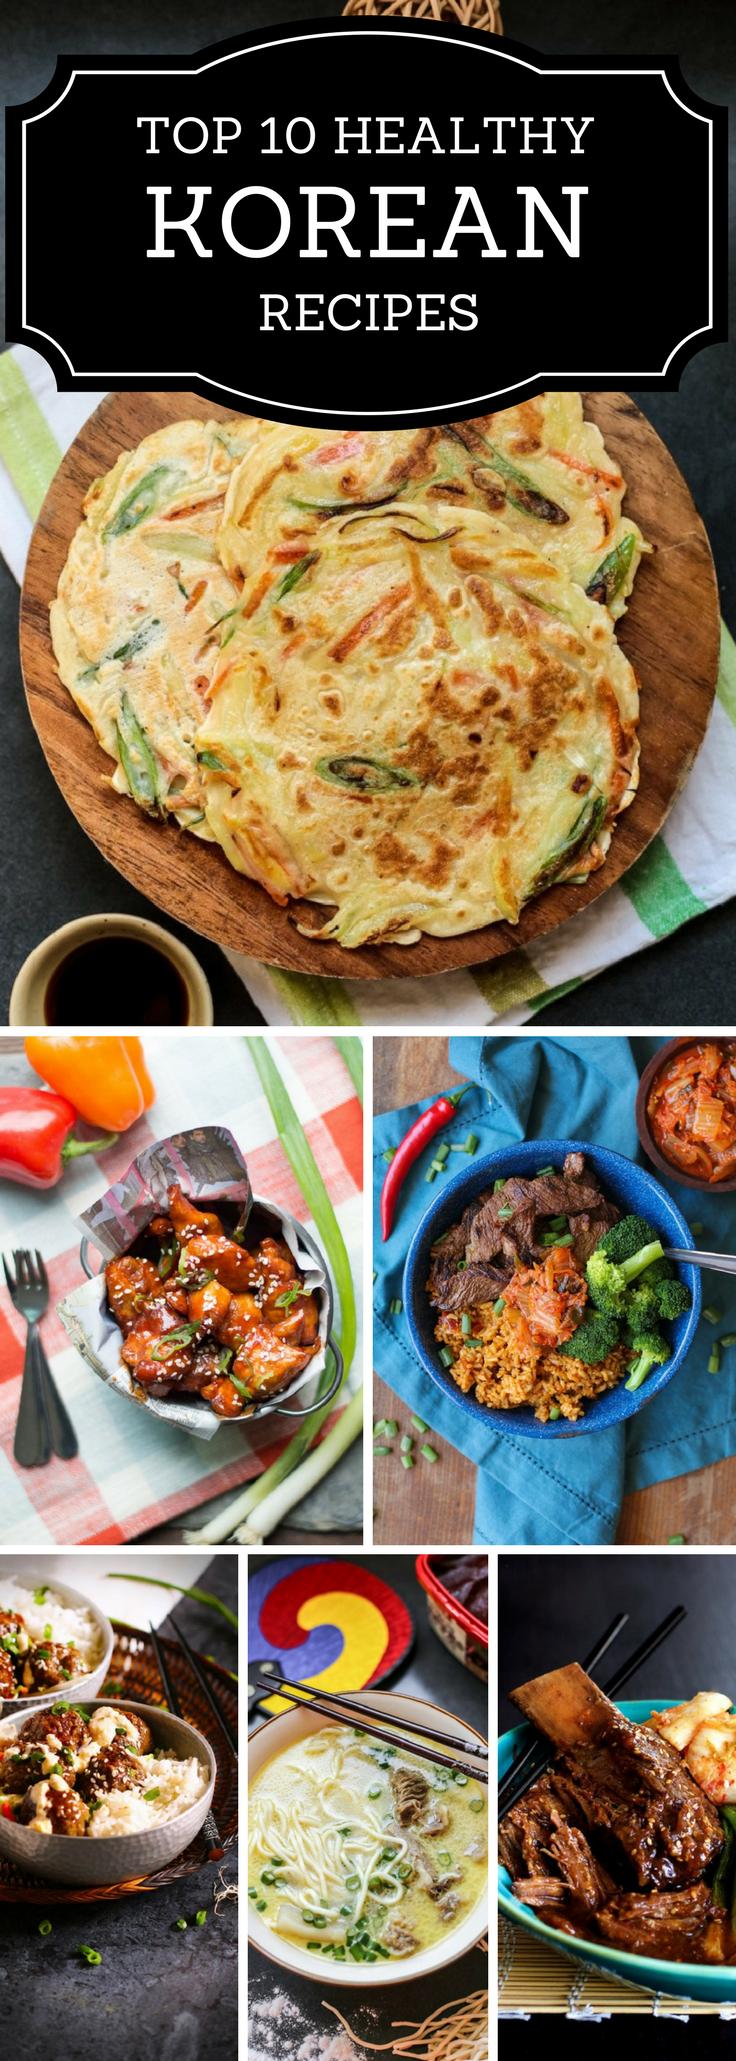 Top 10 korean recipes healthy korean recipes korean and recipes healthy korean recipes forumfinder Images